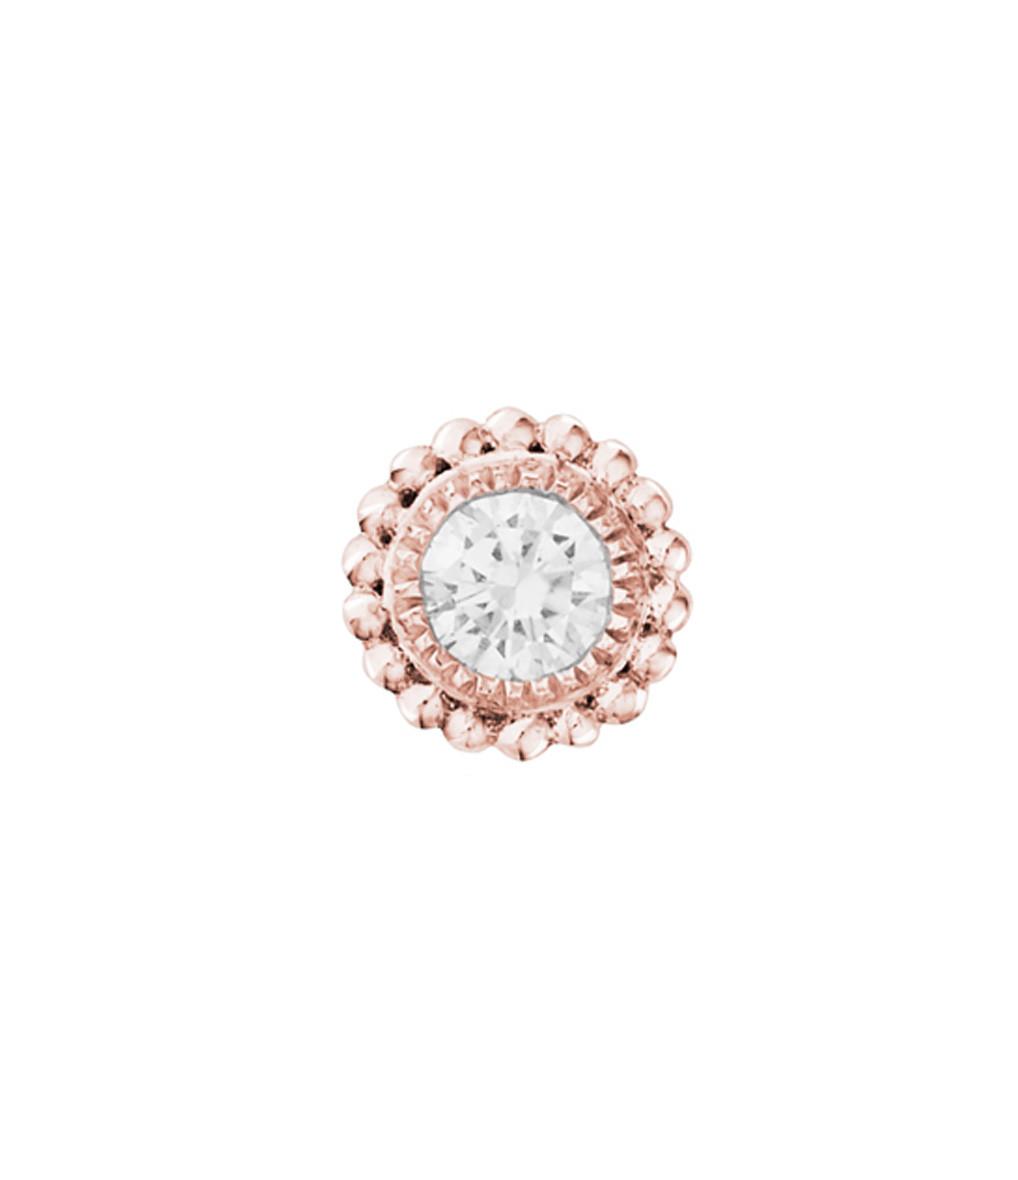 Boucle d'oreille Bouton Swan Diamants (vendue à l'unité) - STONE